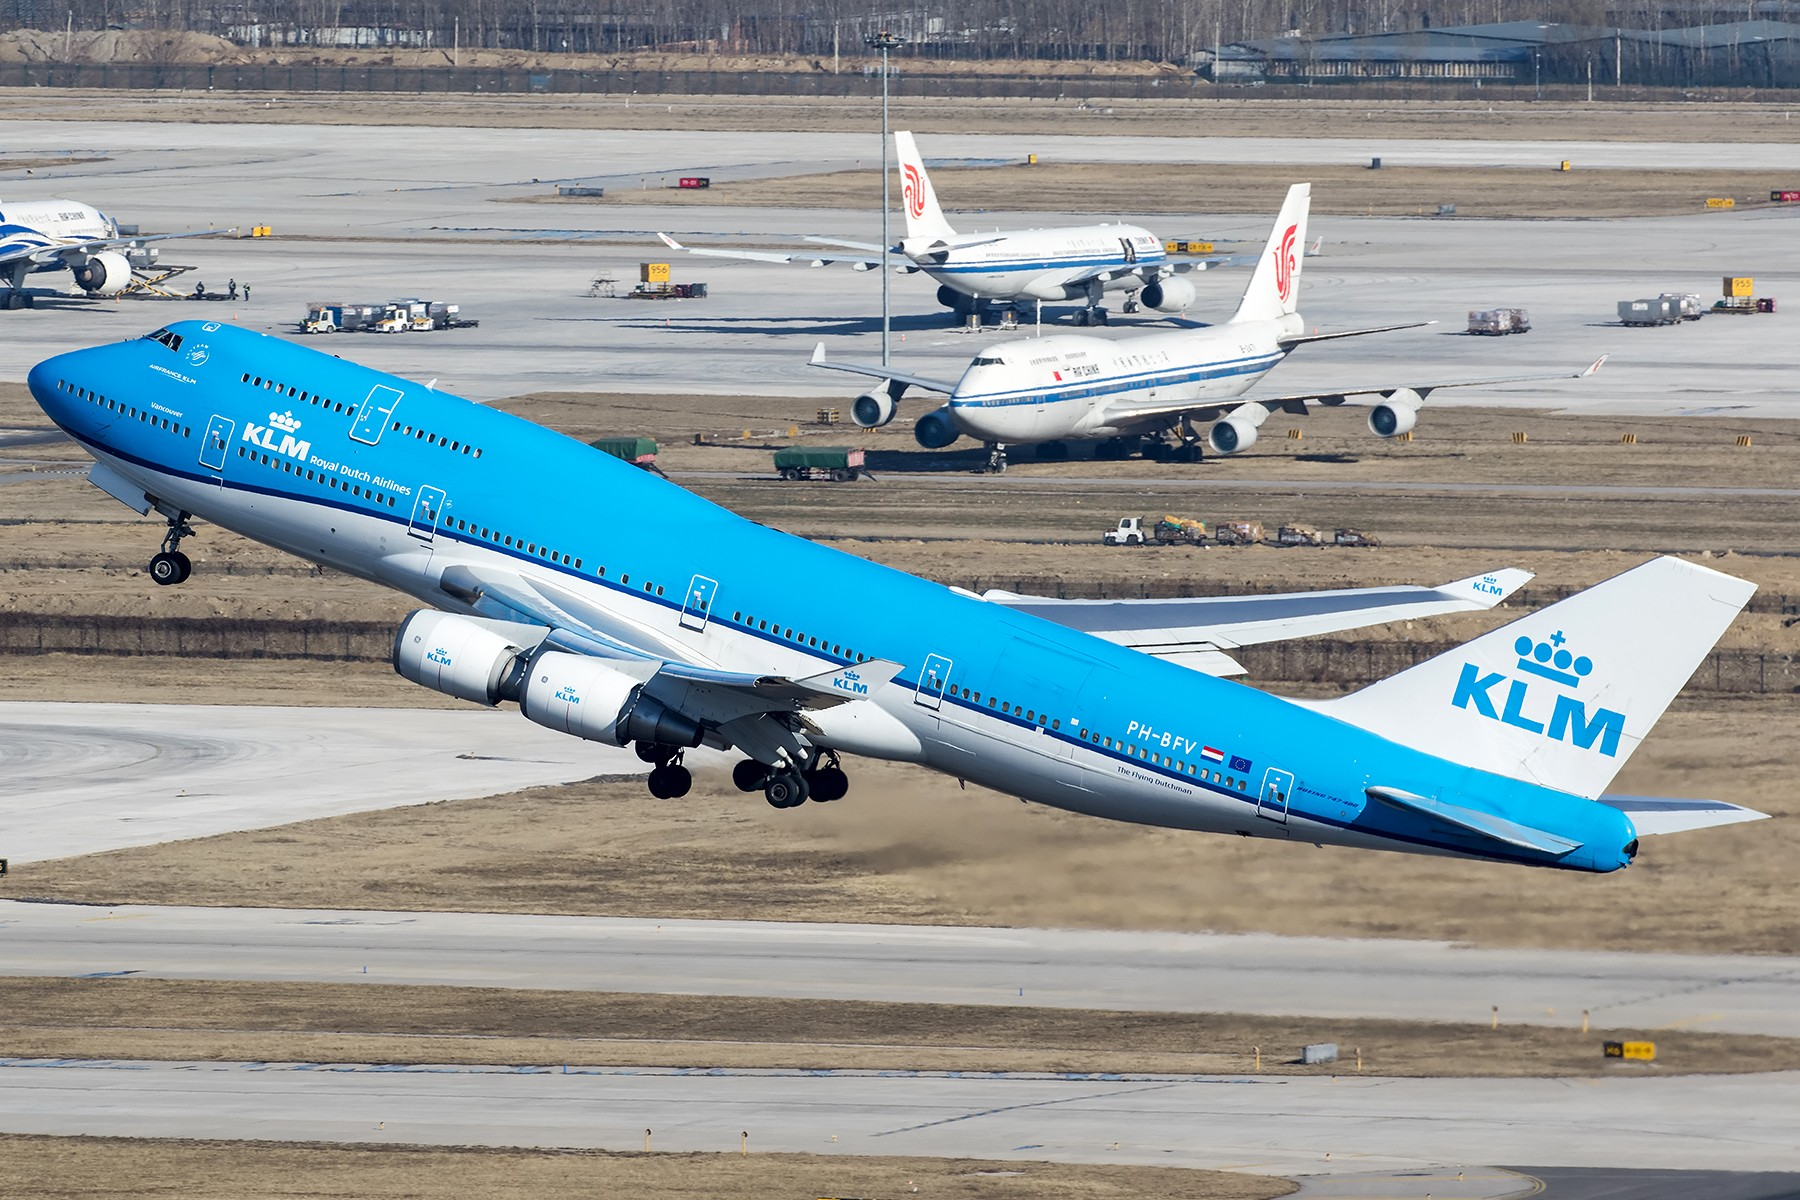 [原创]**两图党**雾霾前的一拍,荷航新装+延误的俄航 BOEING 747-400 PH-BFV 中国北京首都国际机场